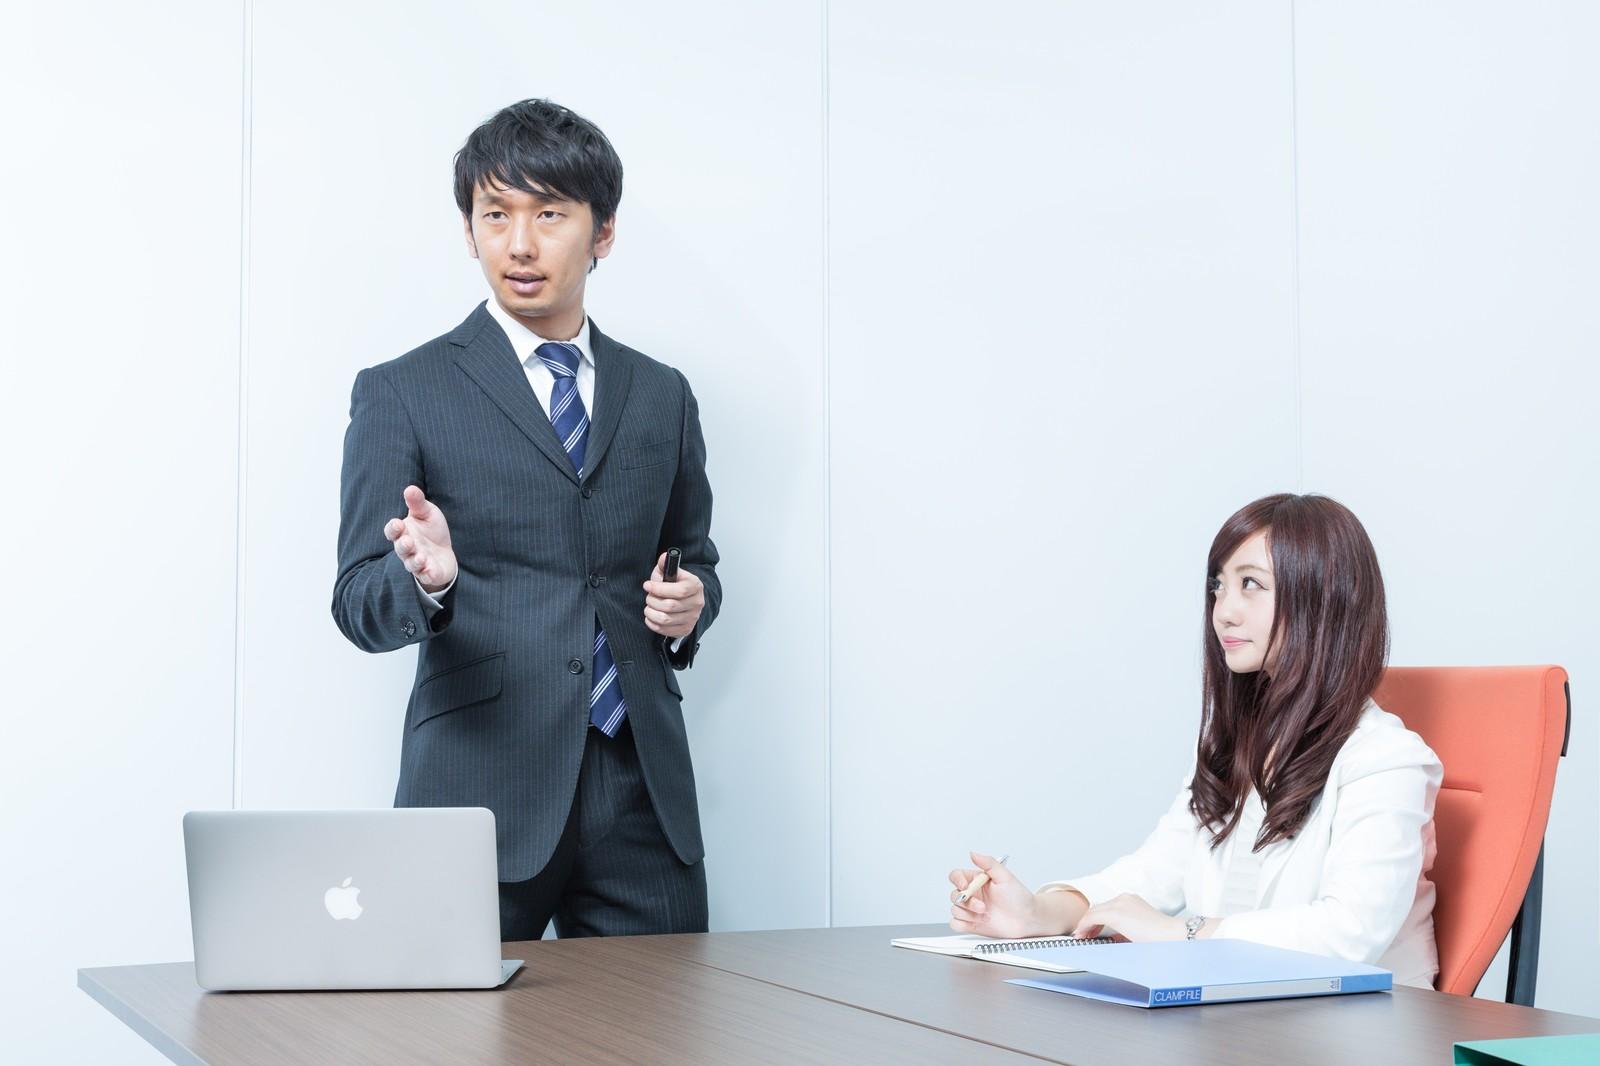 新入社員指導のための日報の書き方の画像